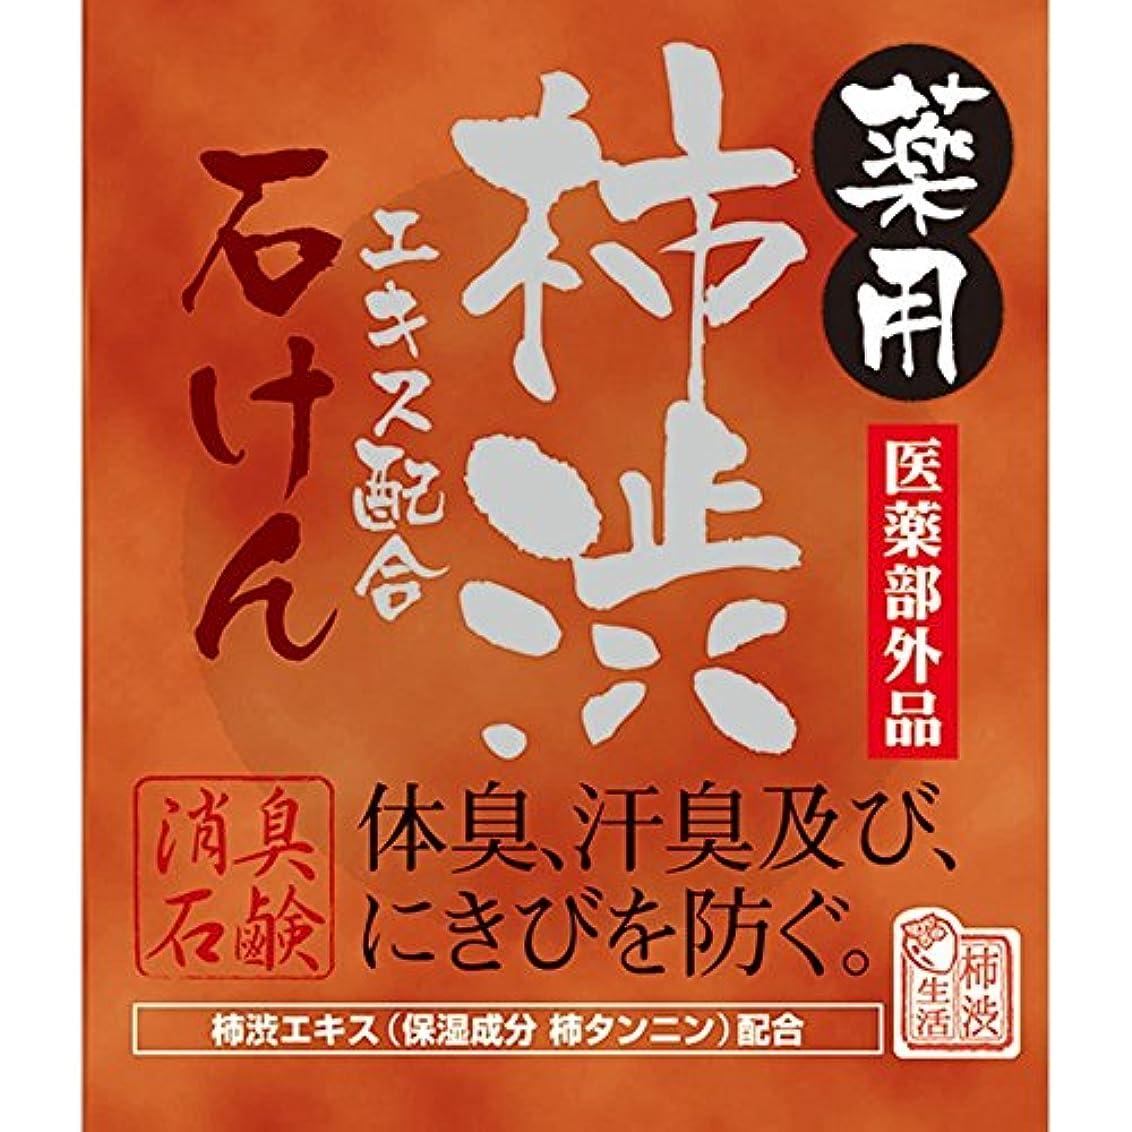 セマフォ苦悩膜薬用柿渋石けん 100g×2個